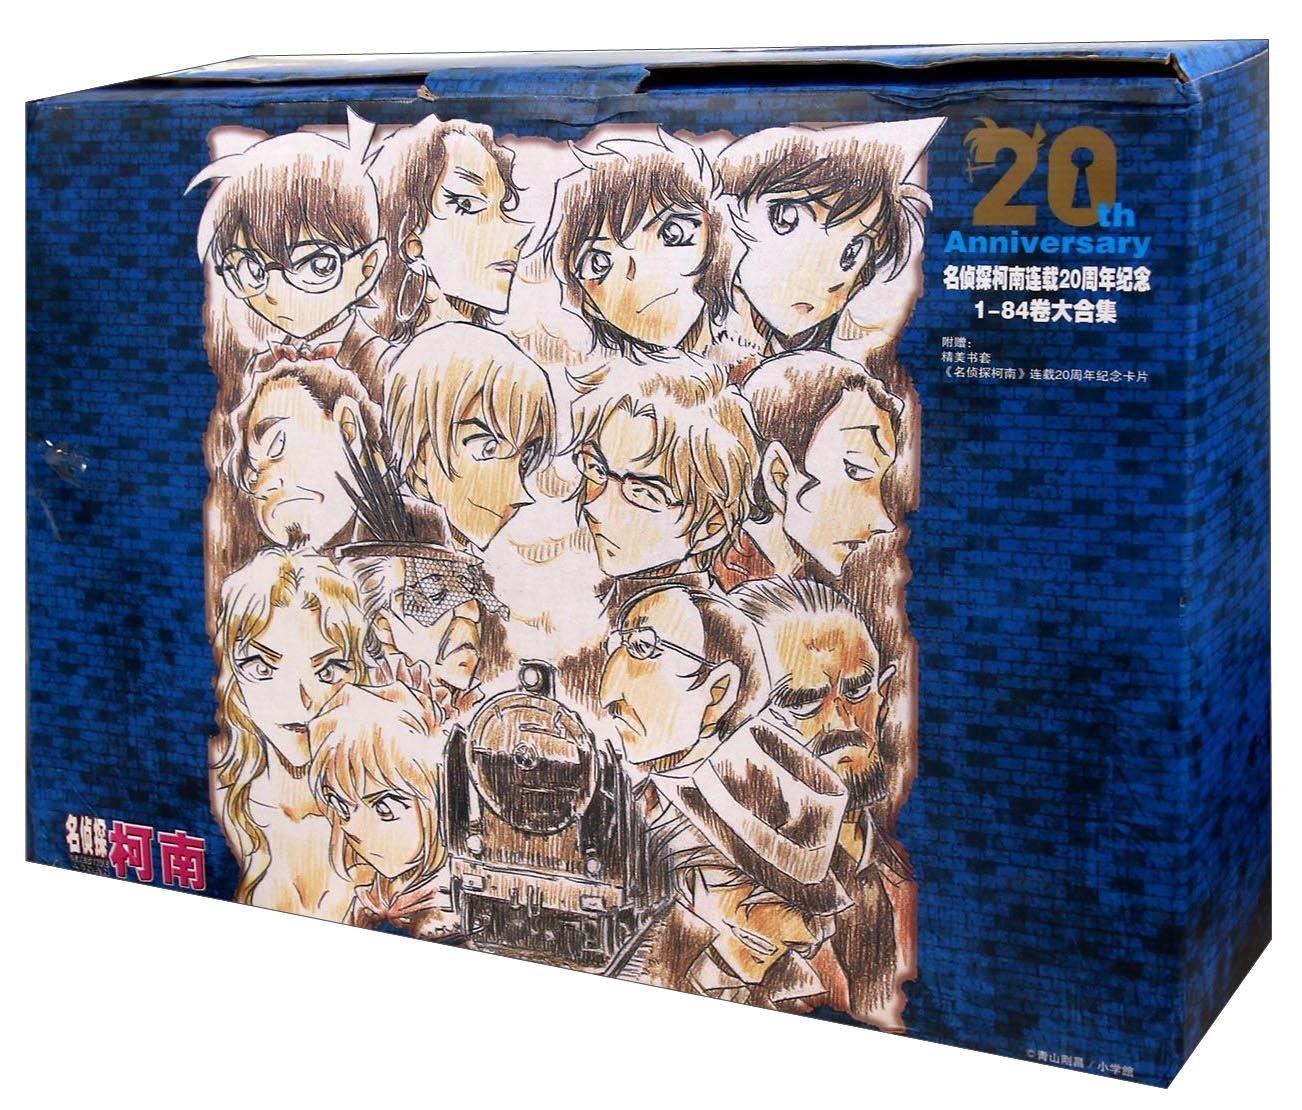 Download 名侦探柯南连载20周年纪念:名侦探柯南(1-84卷大合集) ebook